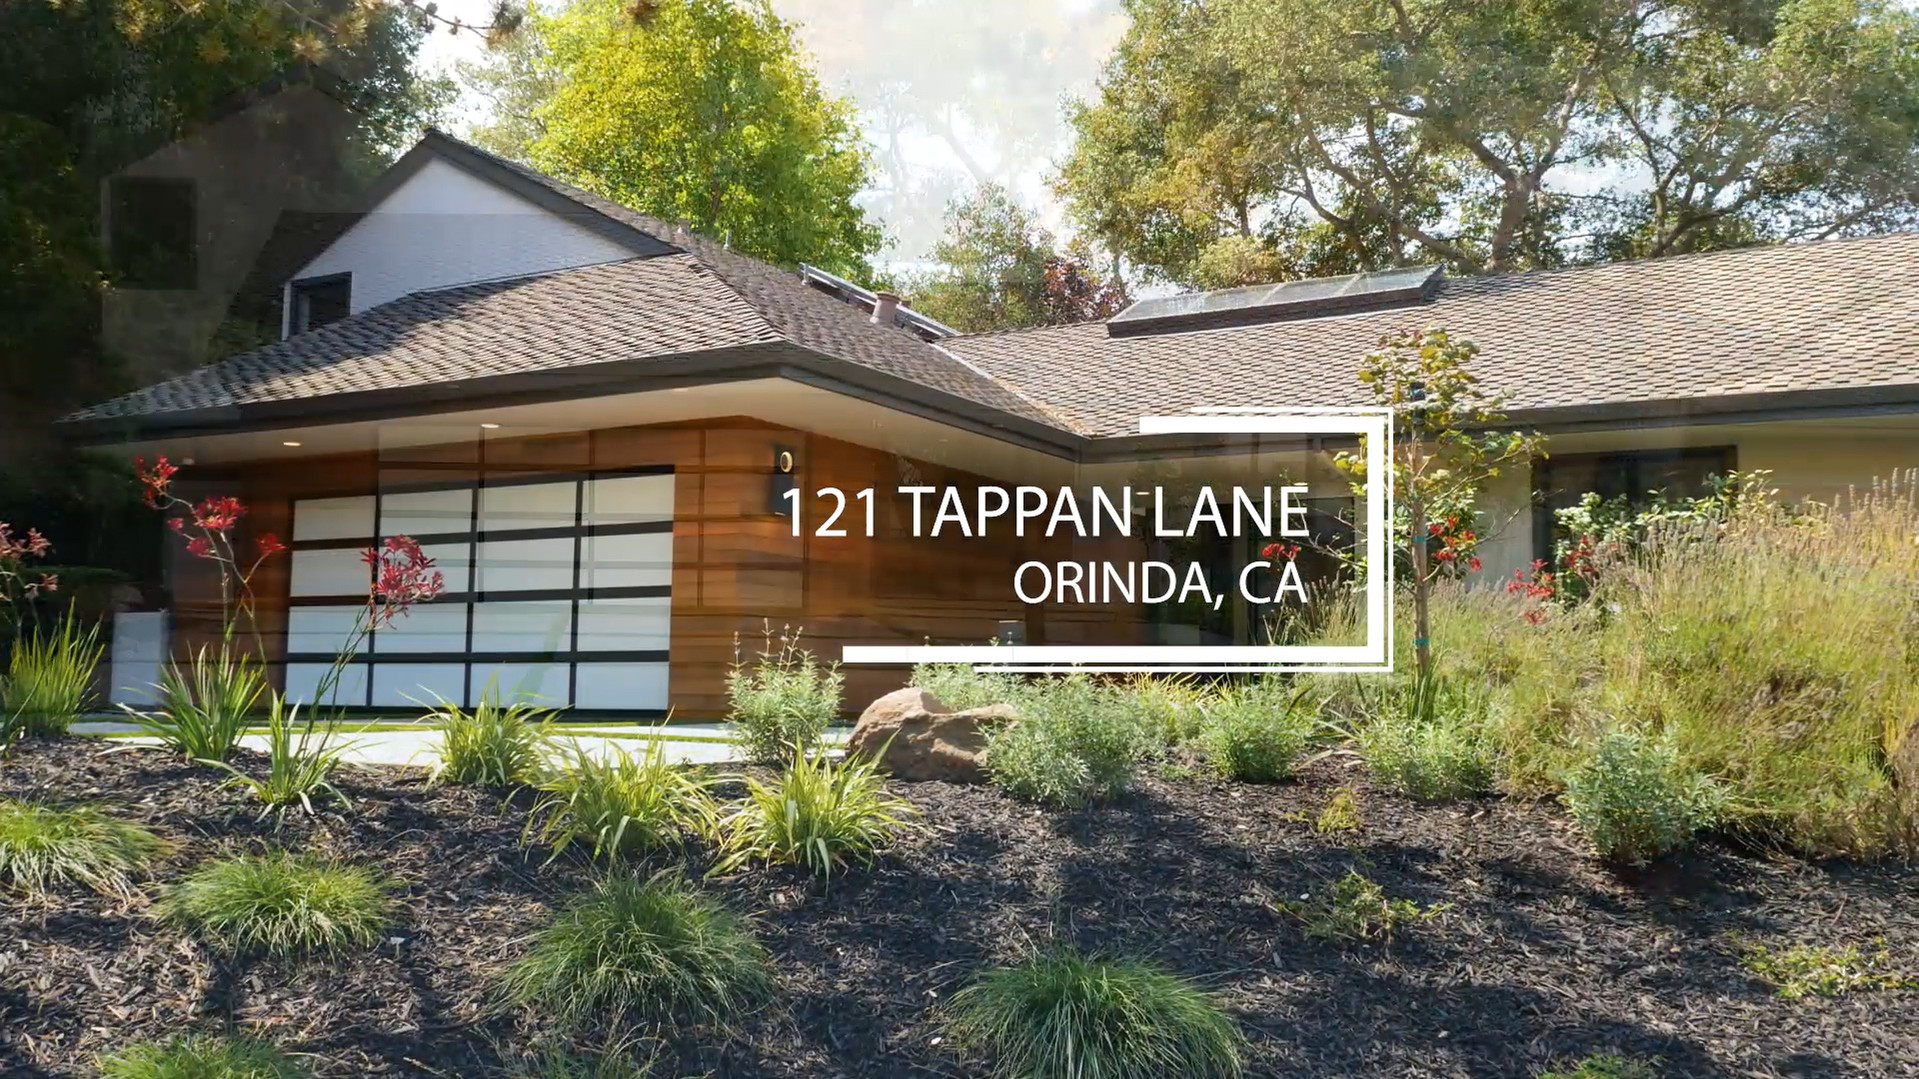 121 Tappan Lane